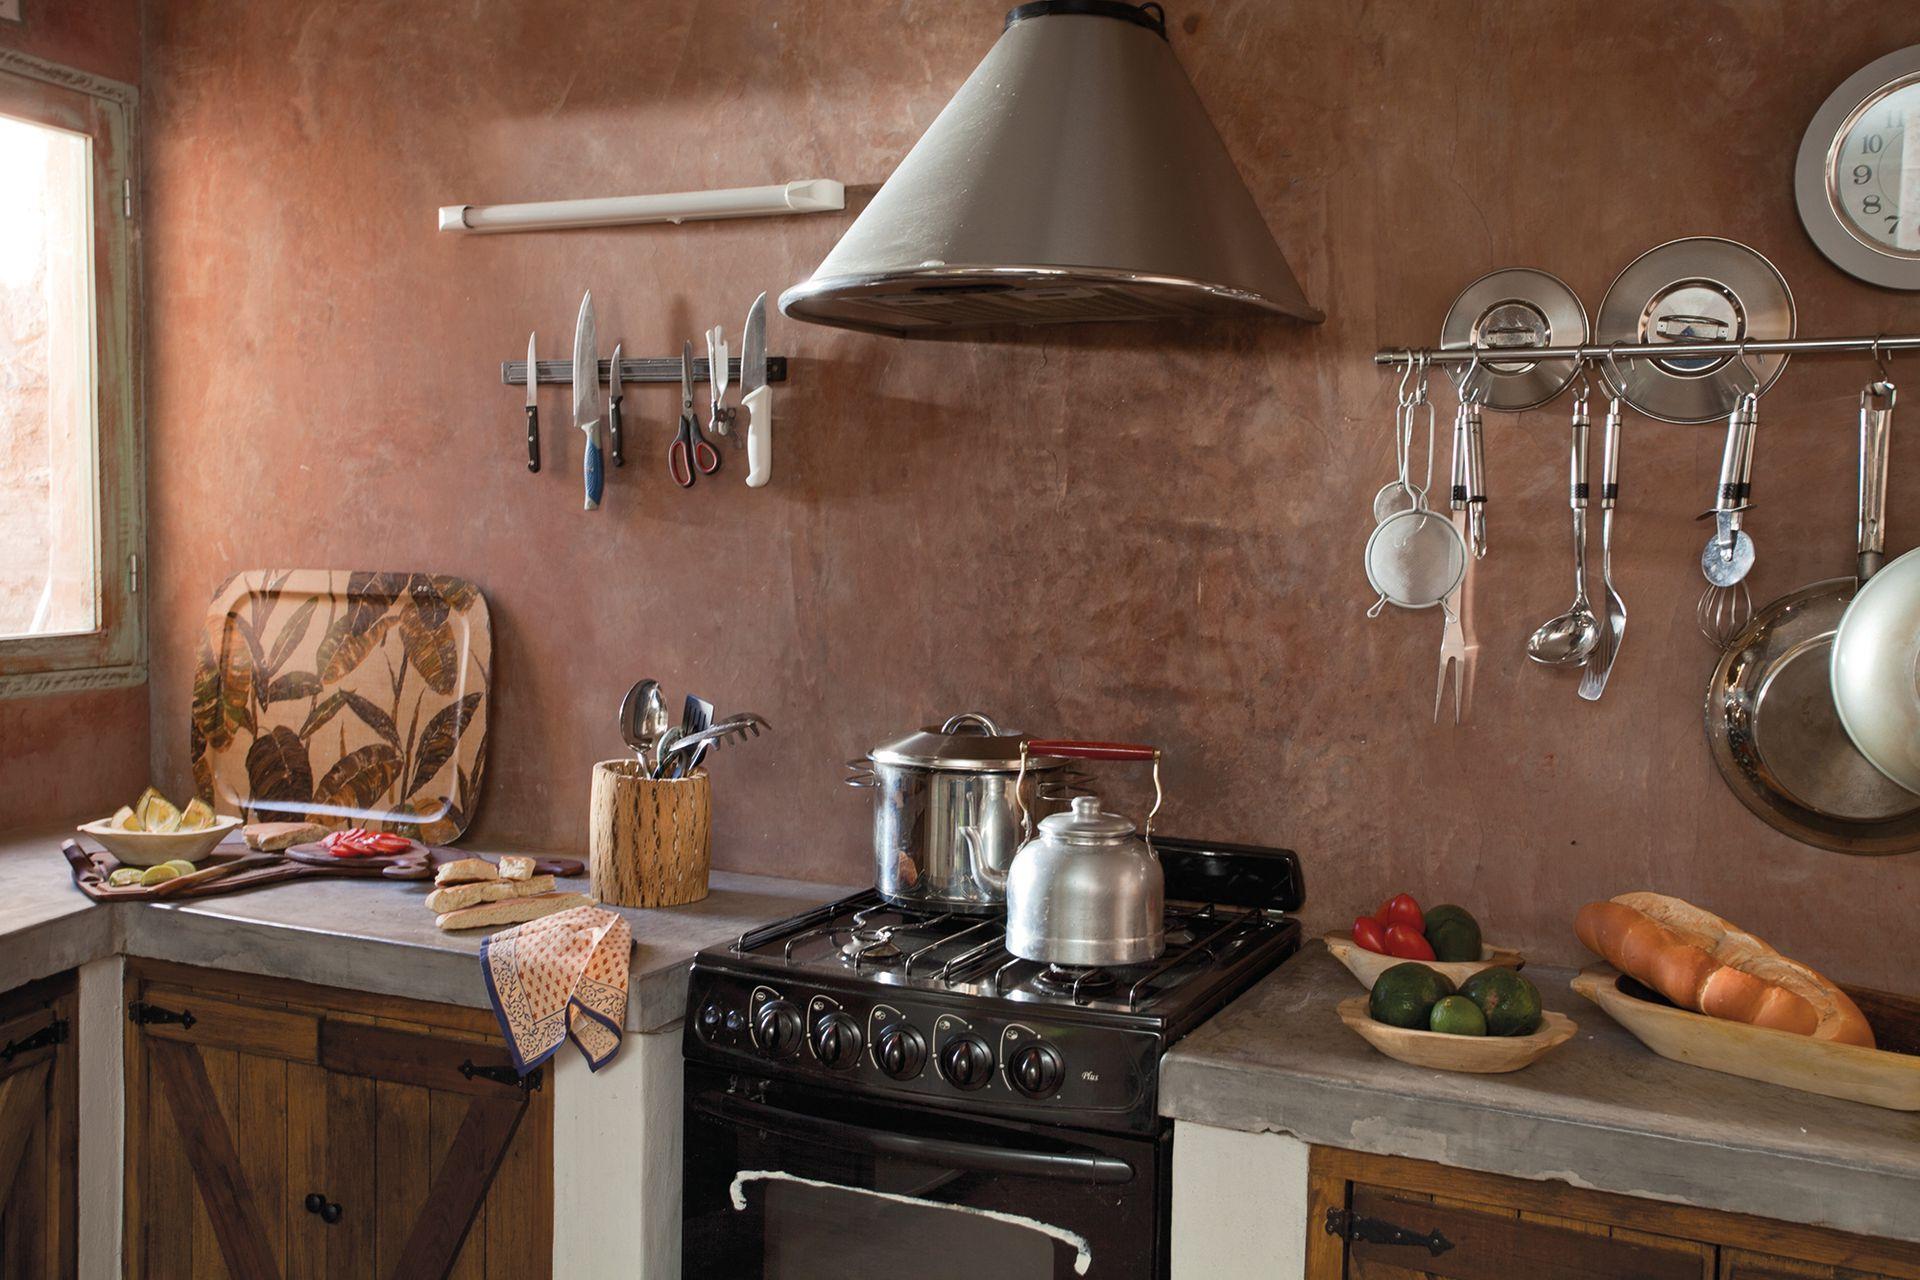 Las paredes de cemento alisado marrón tomaron la apariencia del barro, lo que entona muy bien con el resto de los elementos.